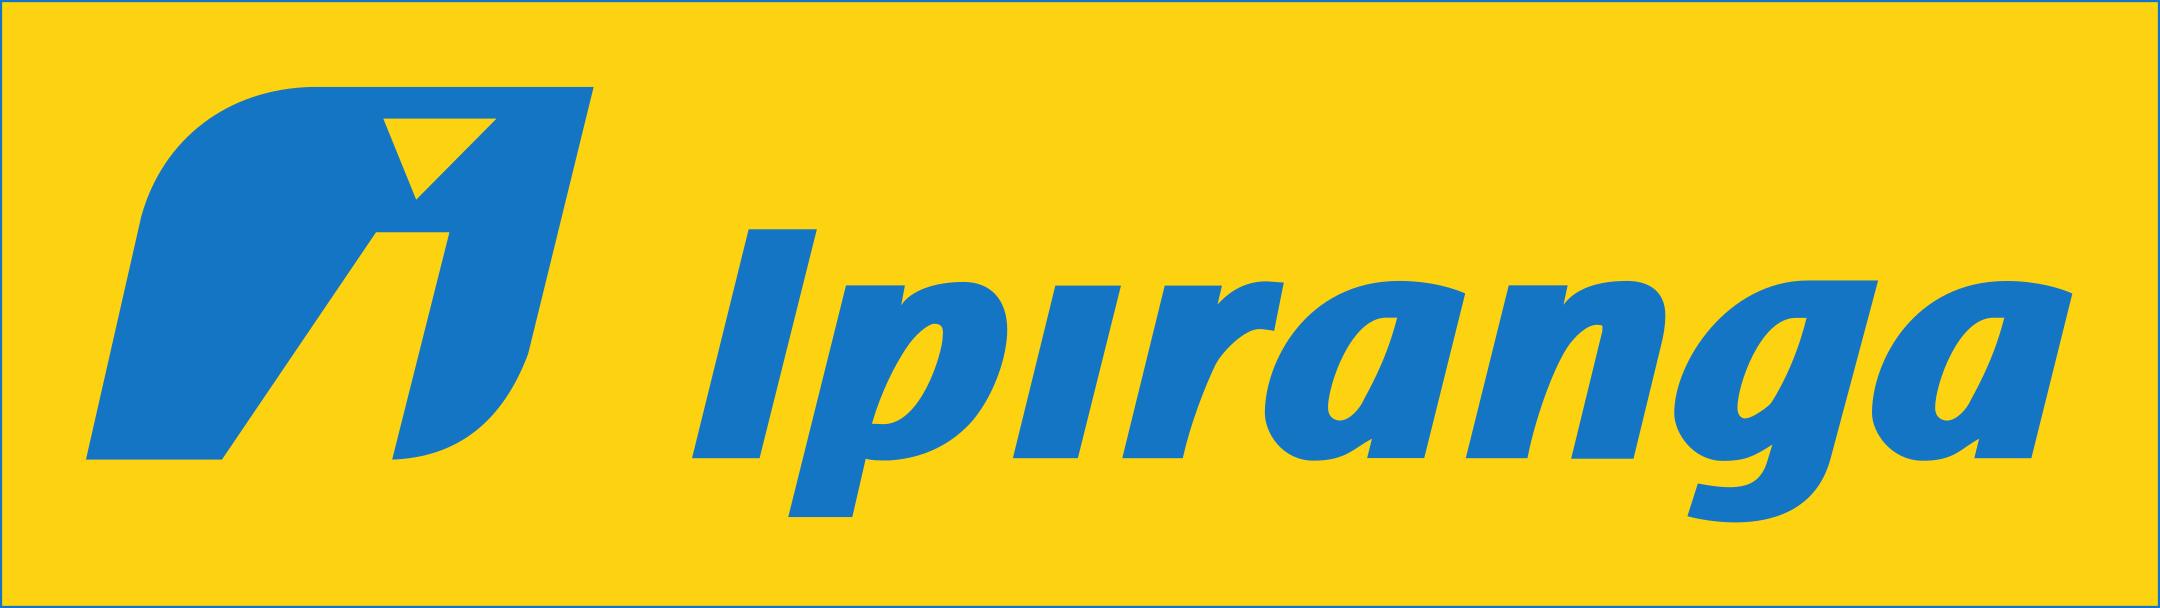 ipiranga logo 1 - Ipiranga Logo